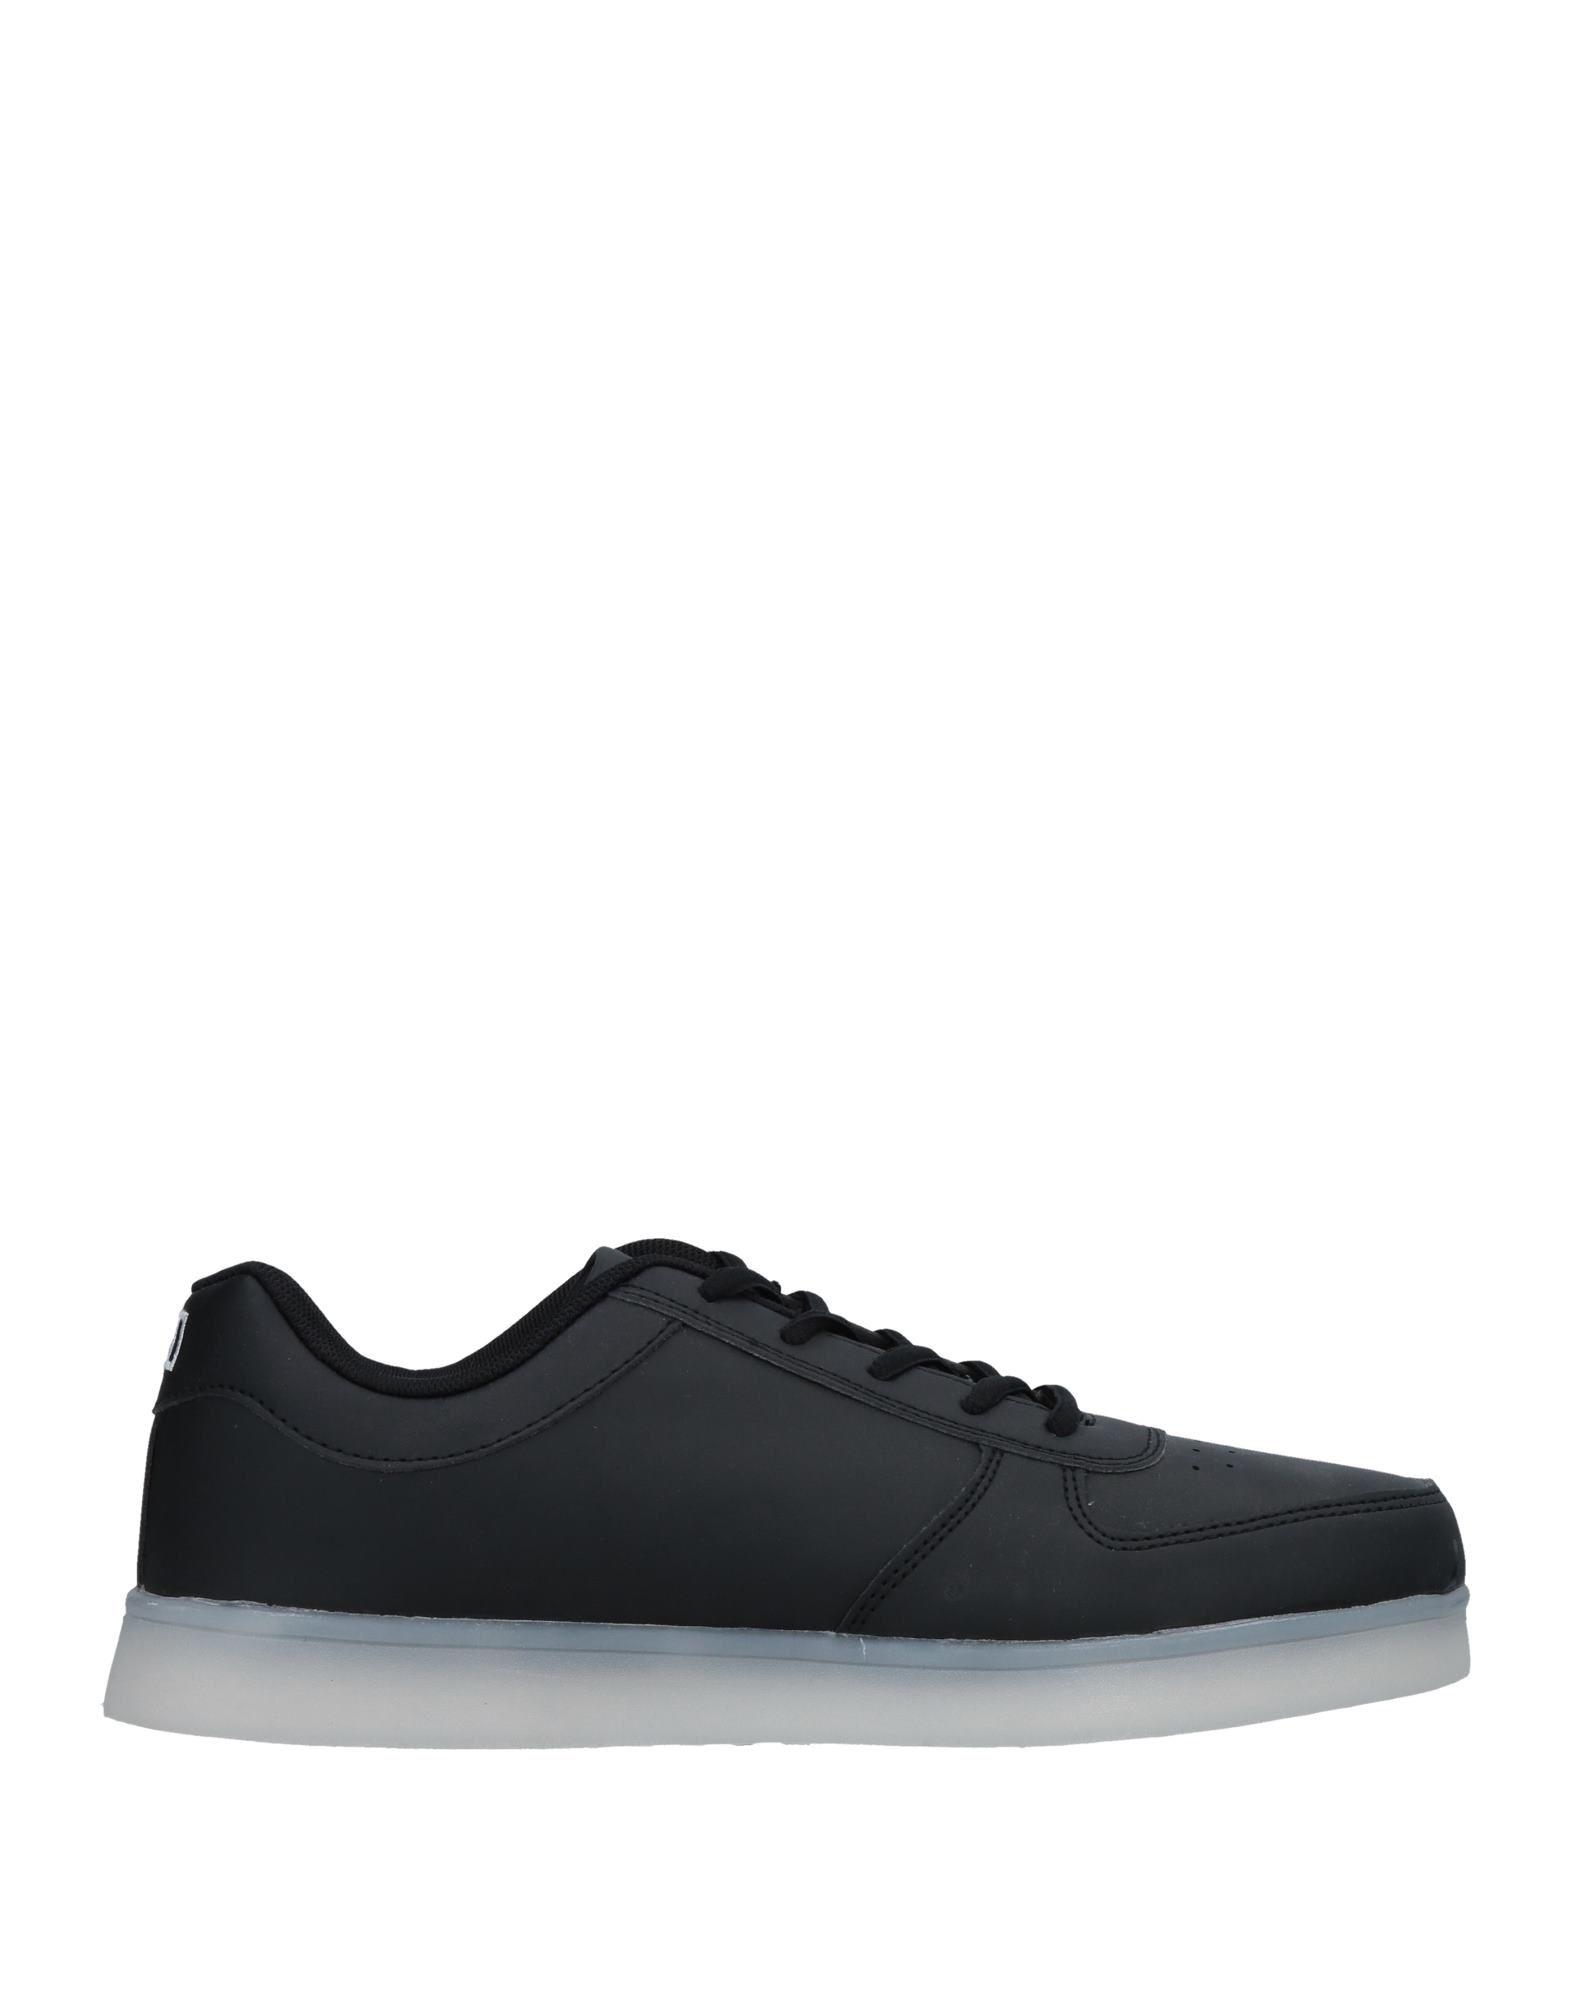 Rabatt Ope echte Schuhe Wize & Ope Rabatt Sneakers Herren  11507373SV 4552f6